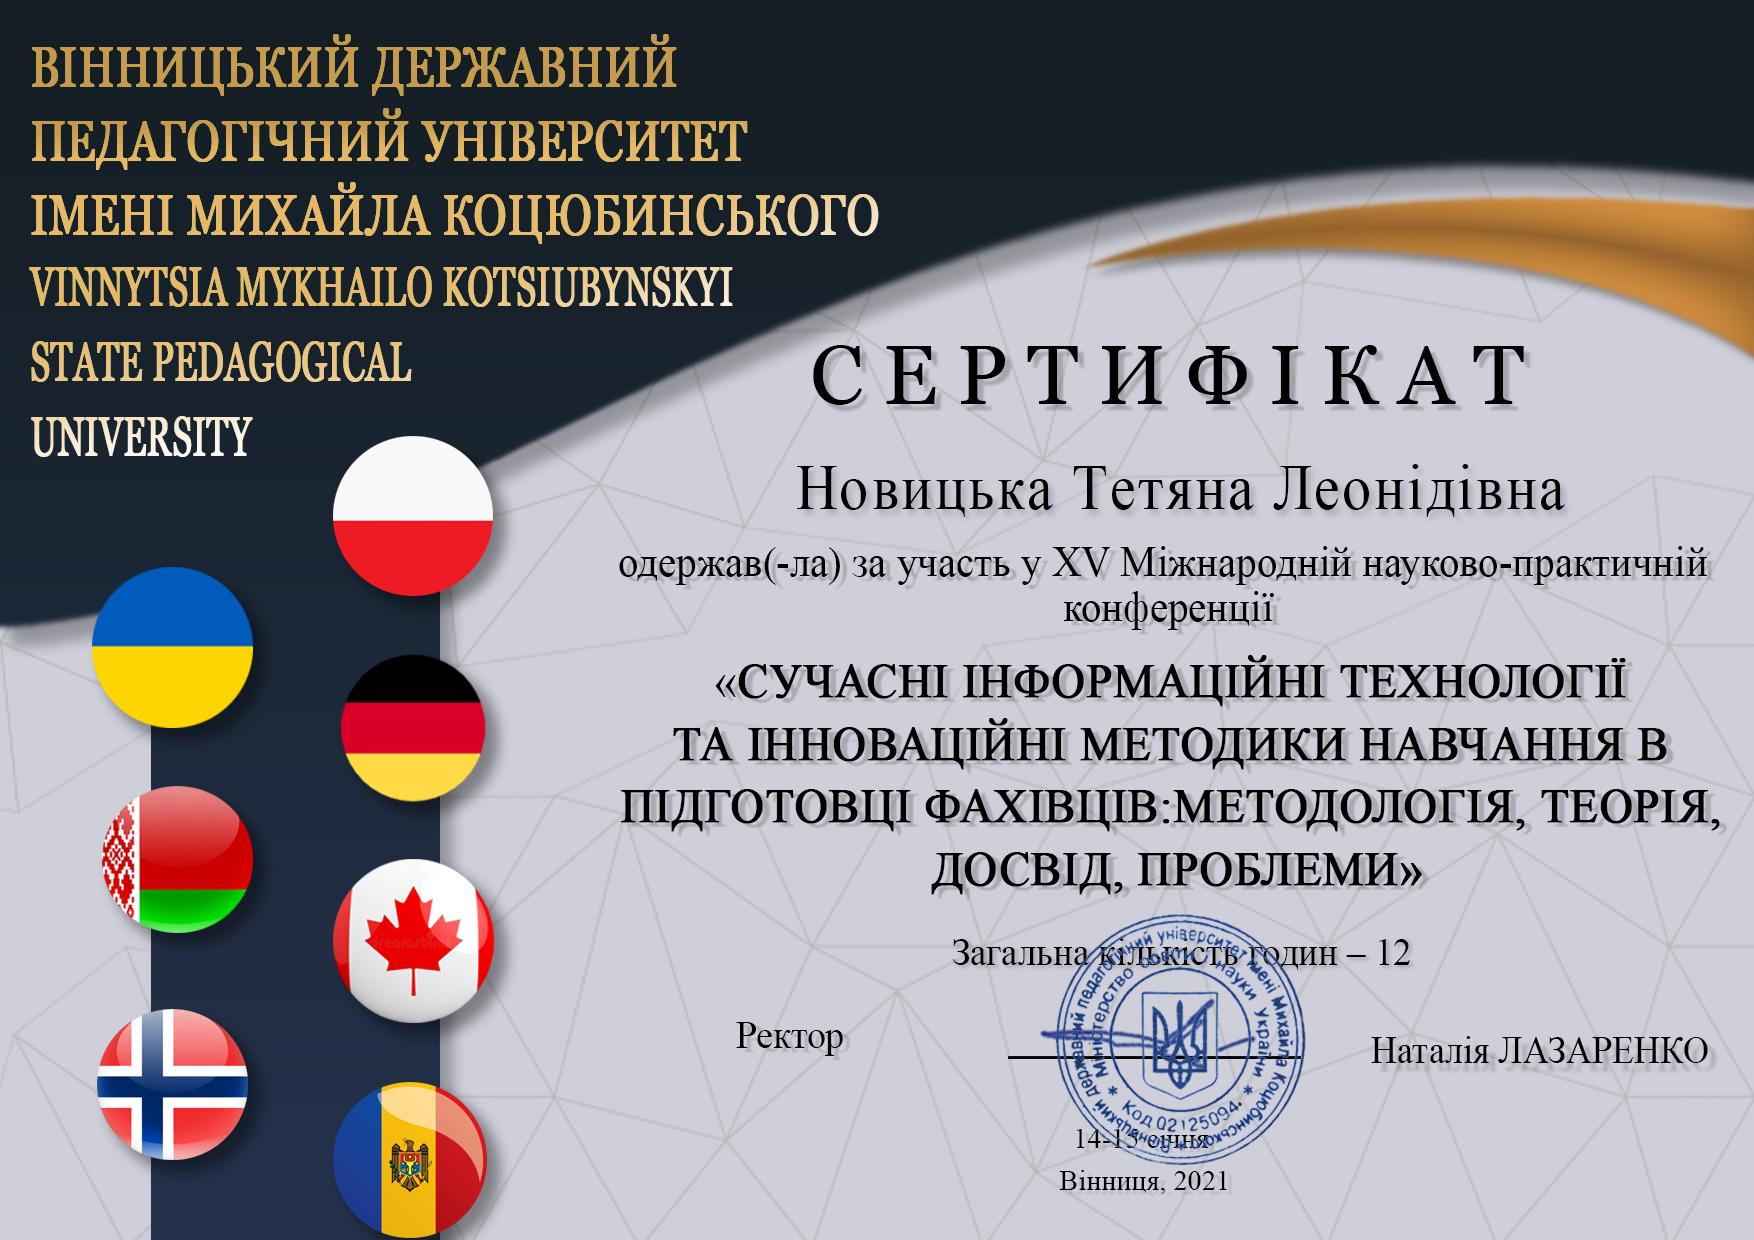 Новицька Тетяна Леонідівна